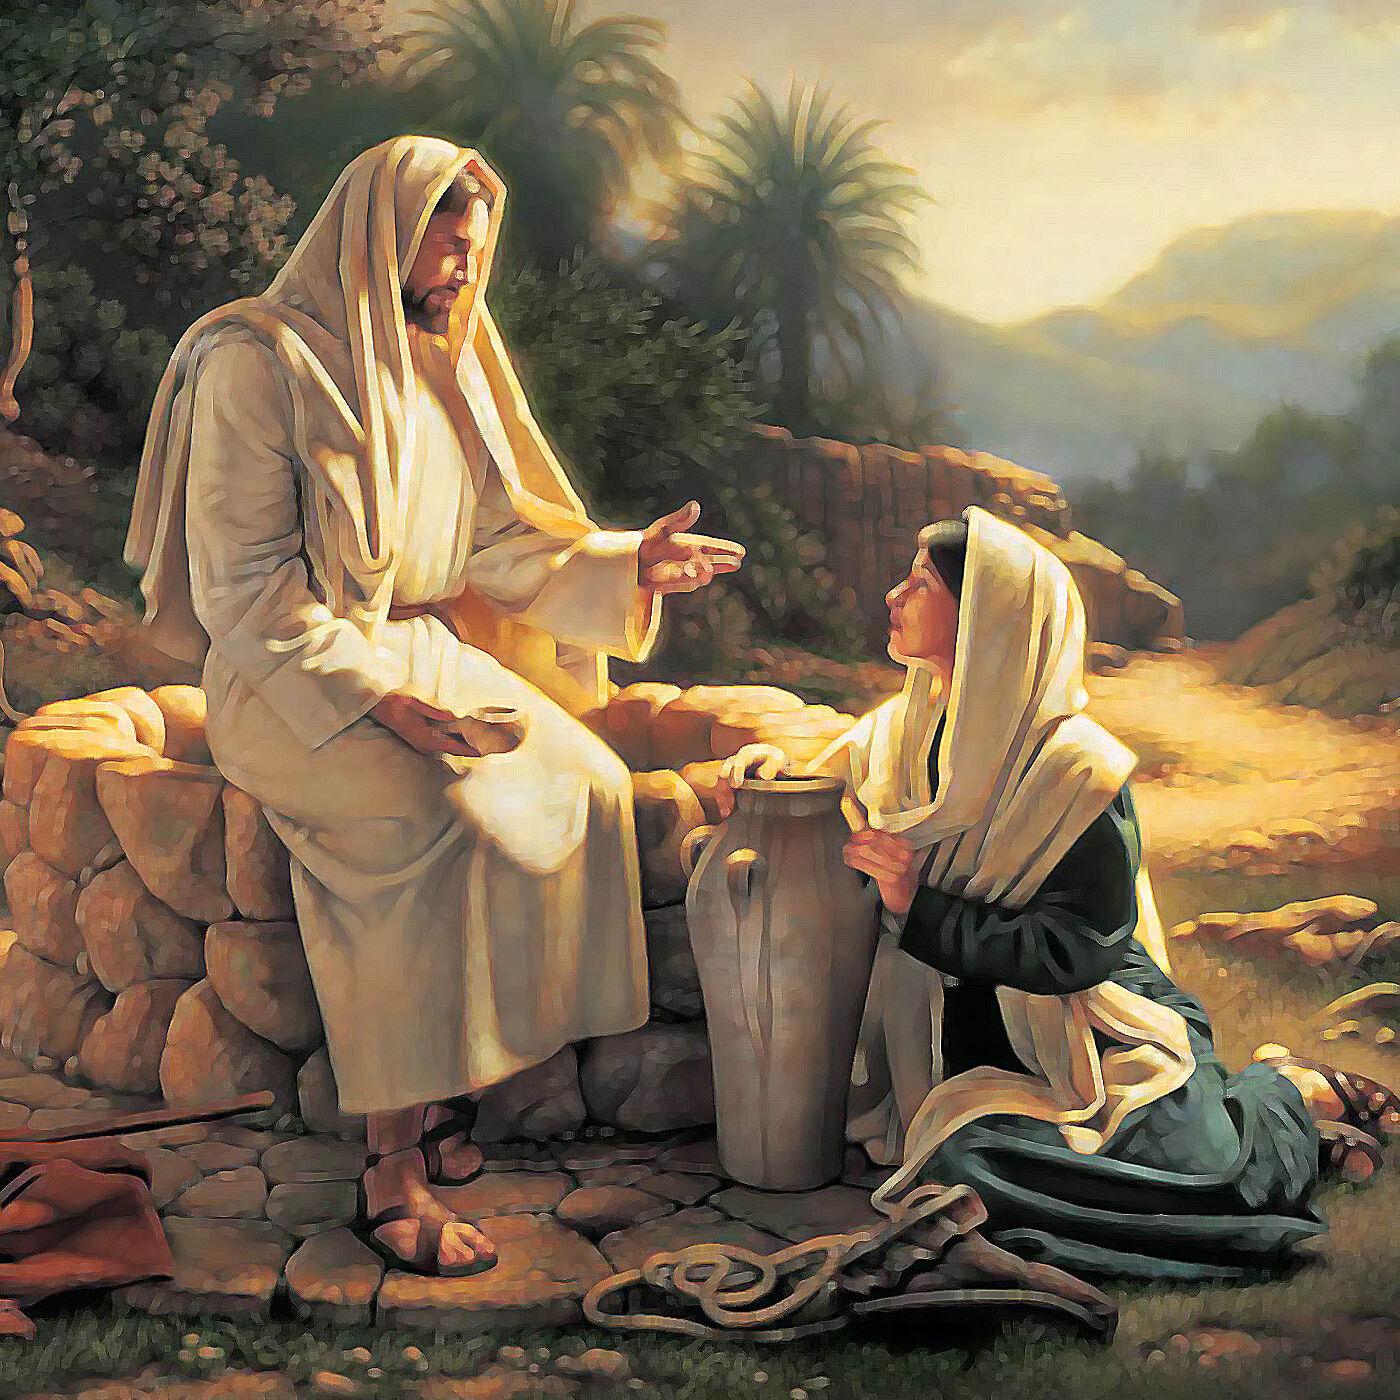 riflessioni sul Vangelo di Mercoledì 4 Novembre 2020 (Lc 14, 25-33) - Apostola Michela